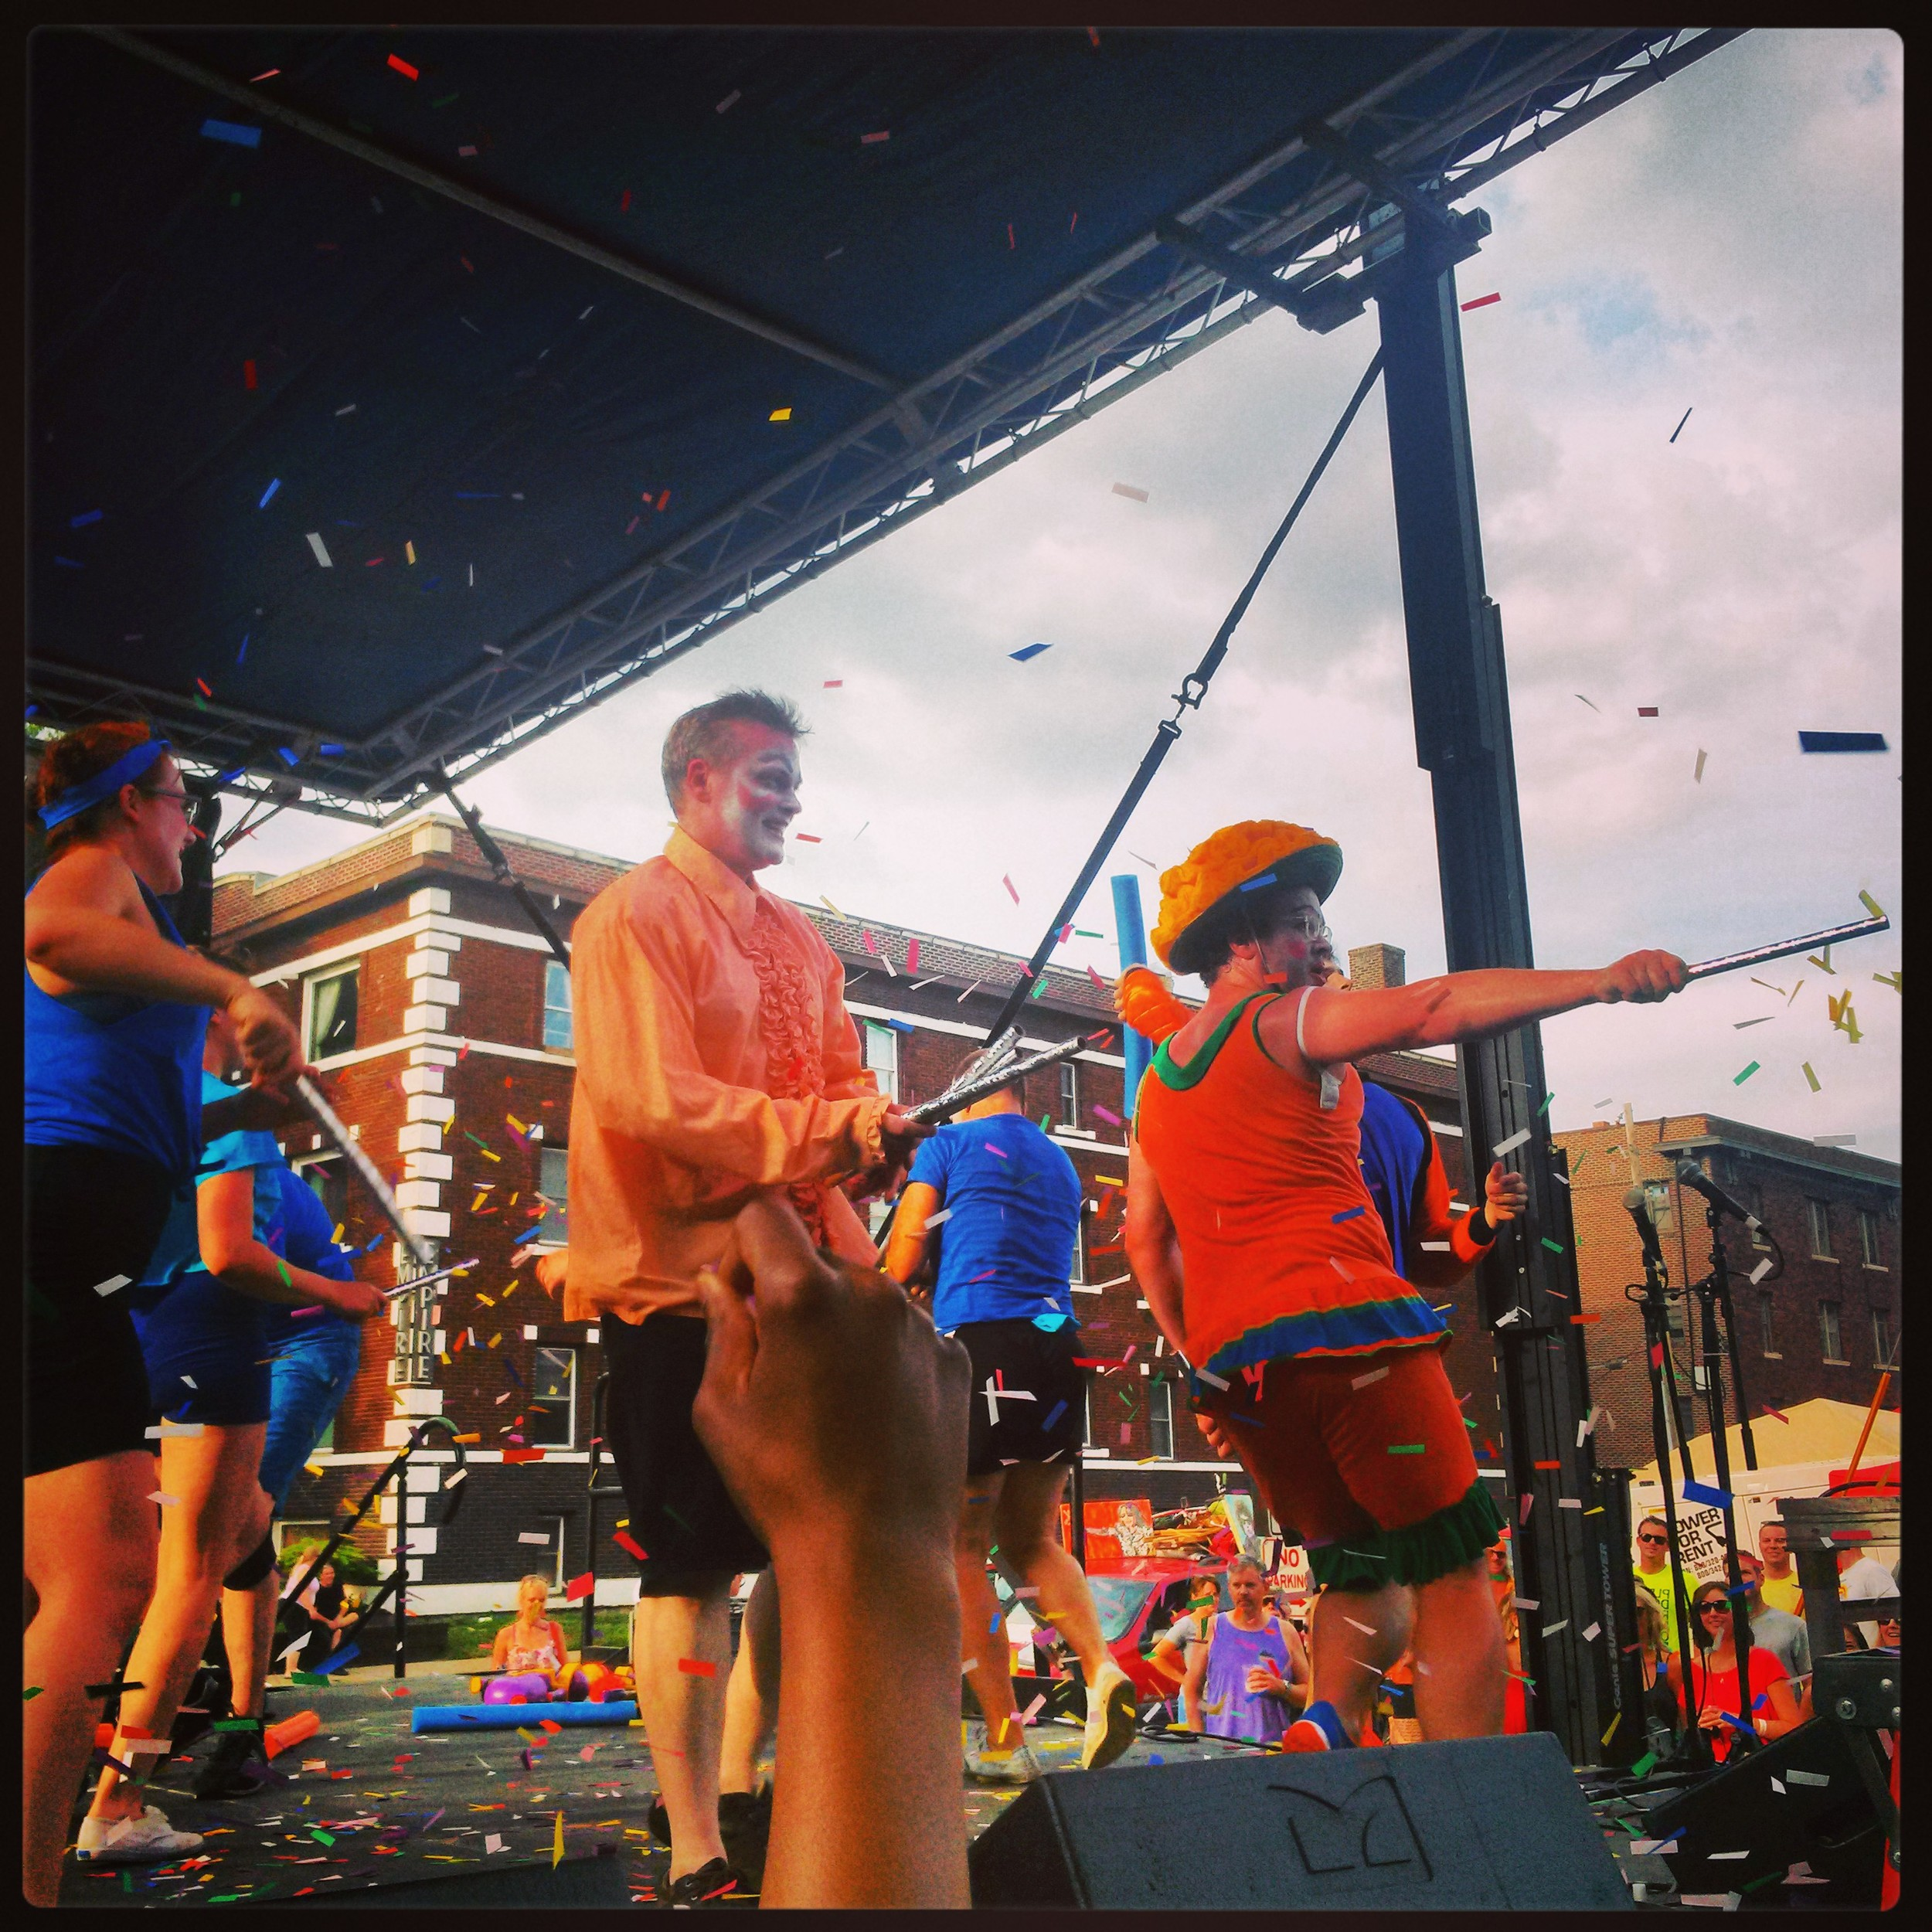 photo: Joanna Harmon  pictured: Anna Reichert, Alana Horton, Damian Johnson, Tyler Olsen, Dustin Suggs